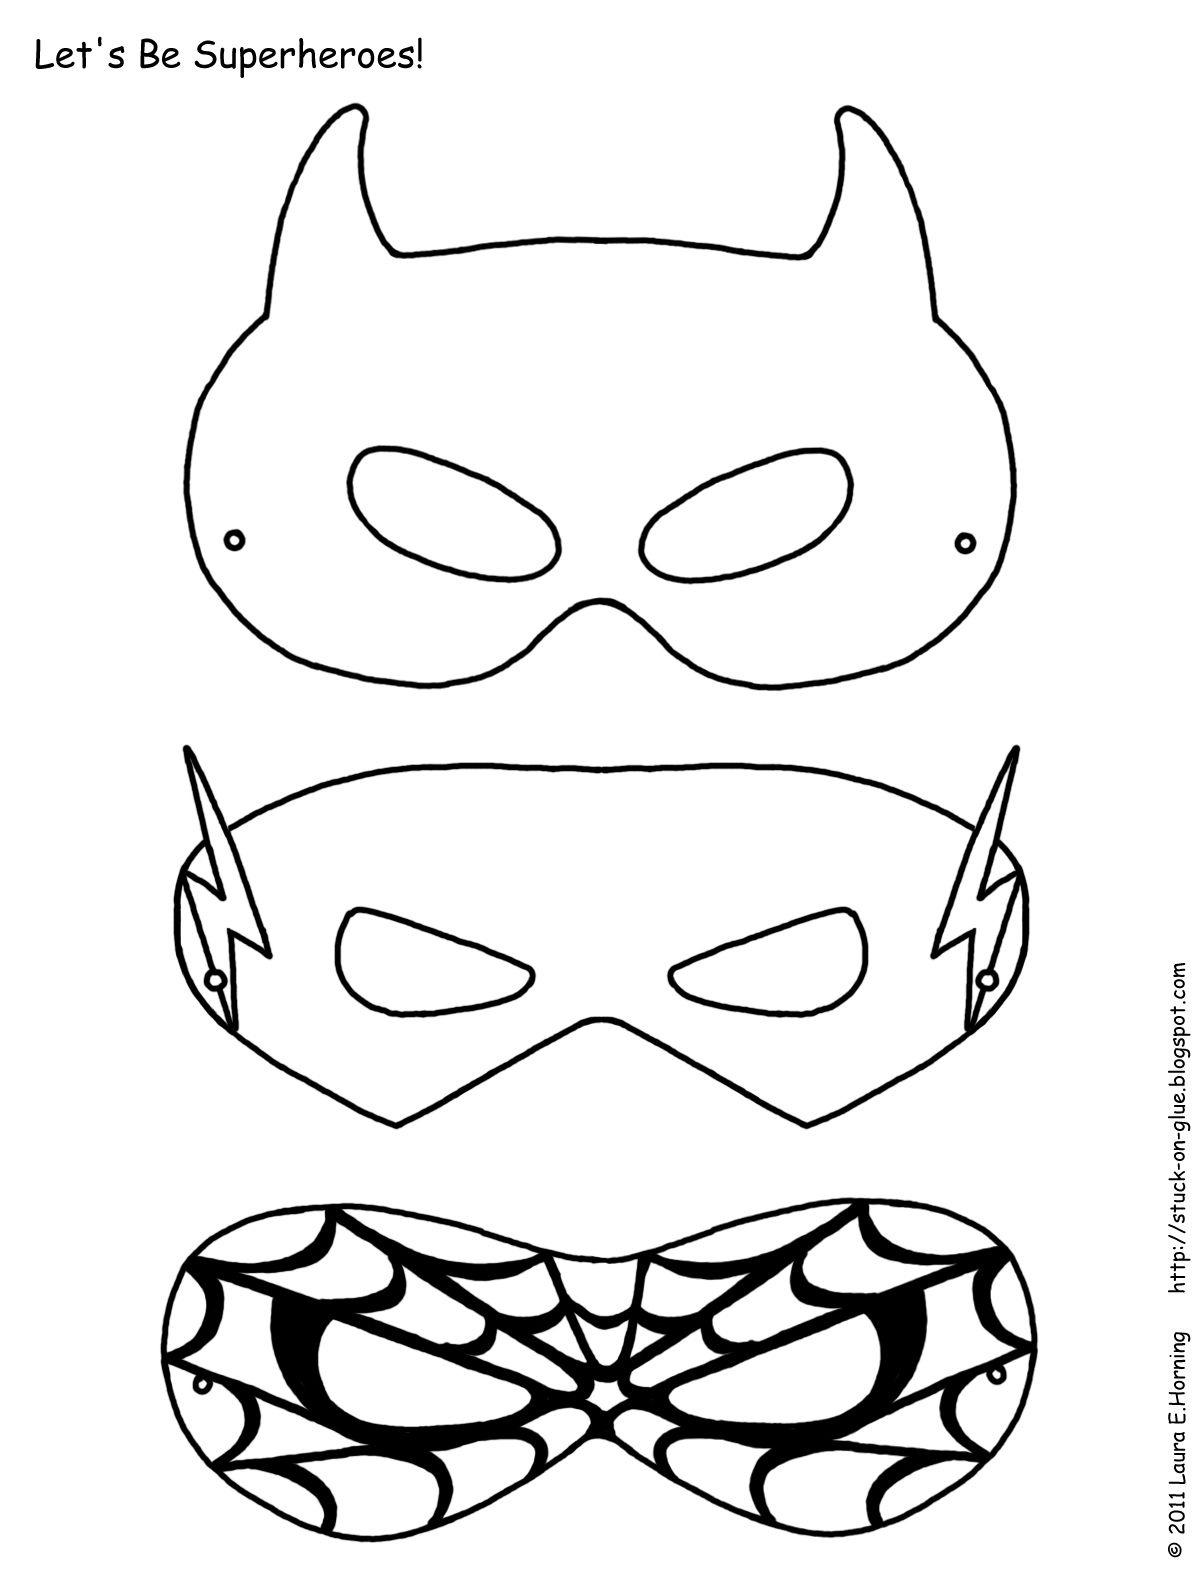 Mask Printable   Free Printable Superhero Mask Template   Masks - Superman Mask Printable Free